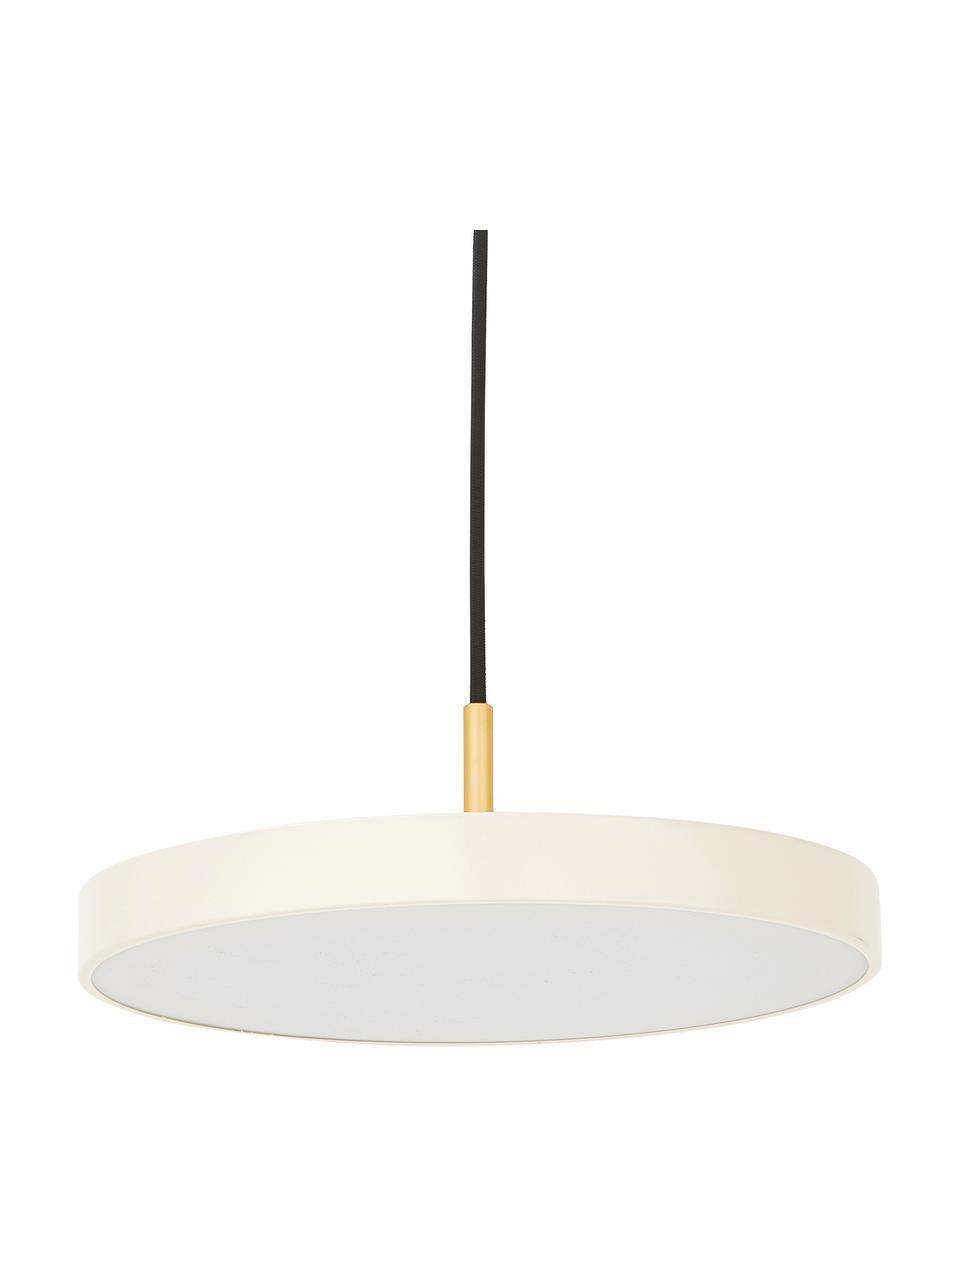 Lampa wisząca LED  Asteria, Perłowy biały, odcienie złotego, Ø 31 x W 14 cm